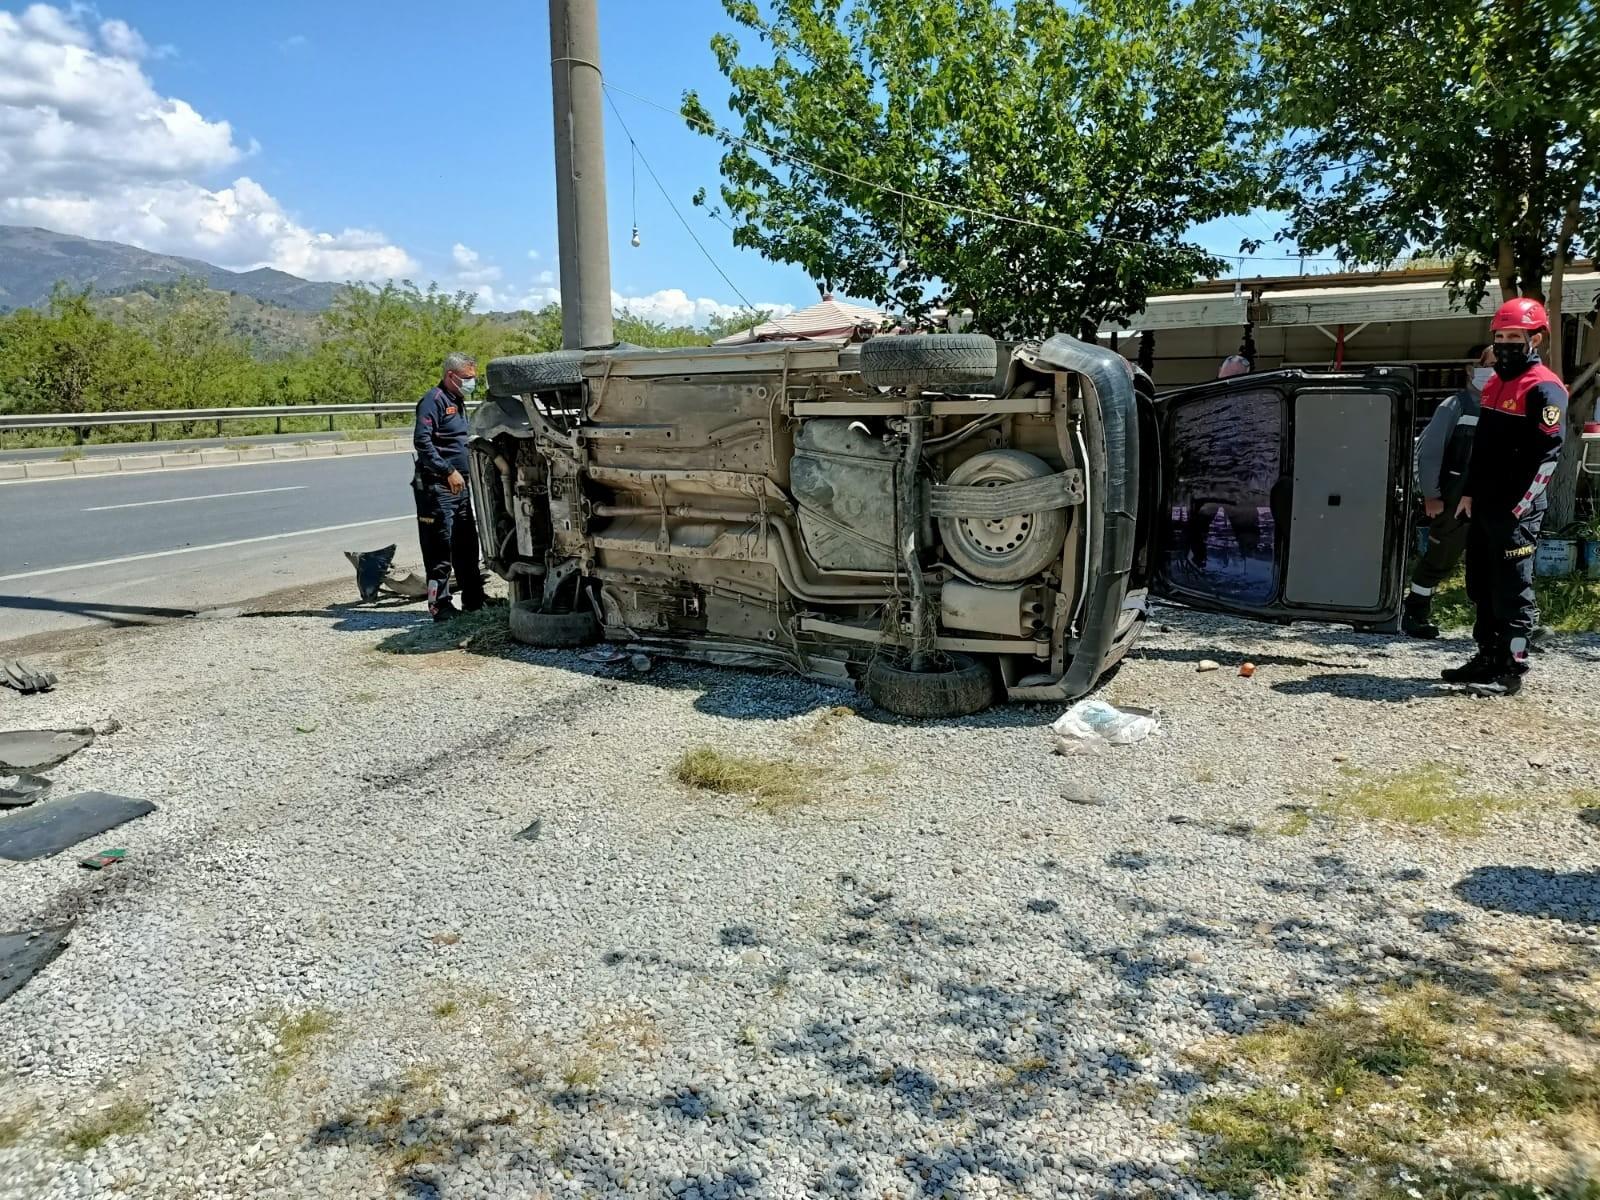 Aydın'da trafik kazası: Otomobil takla attı, 2 kişi yaralandı